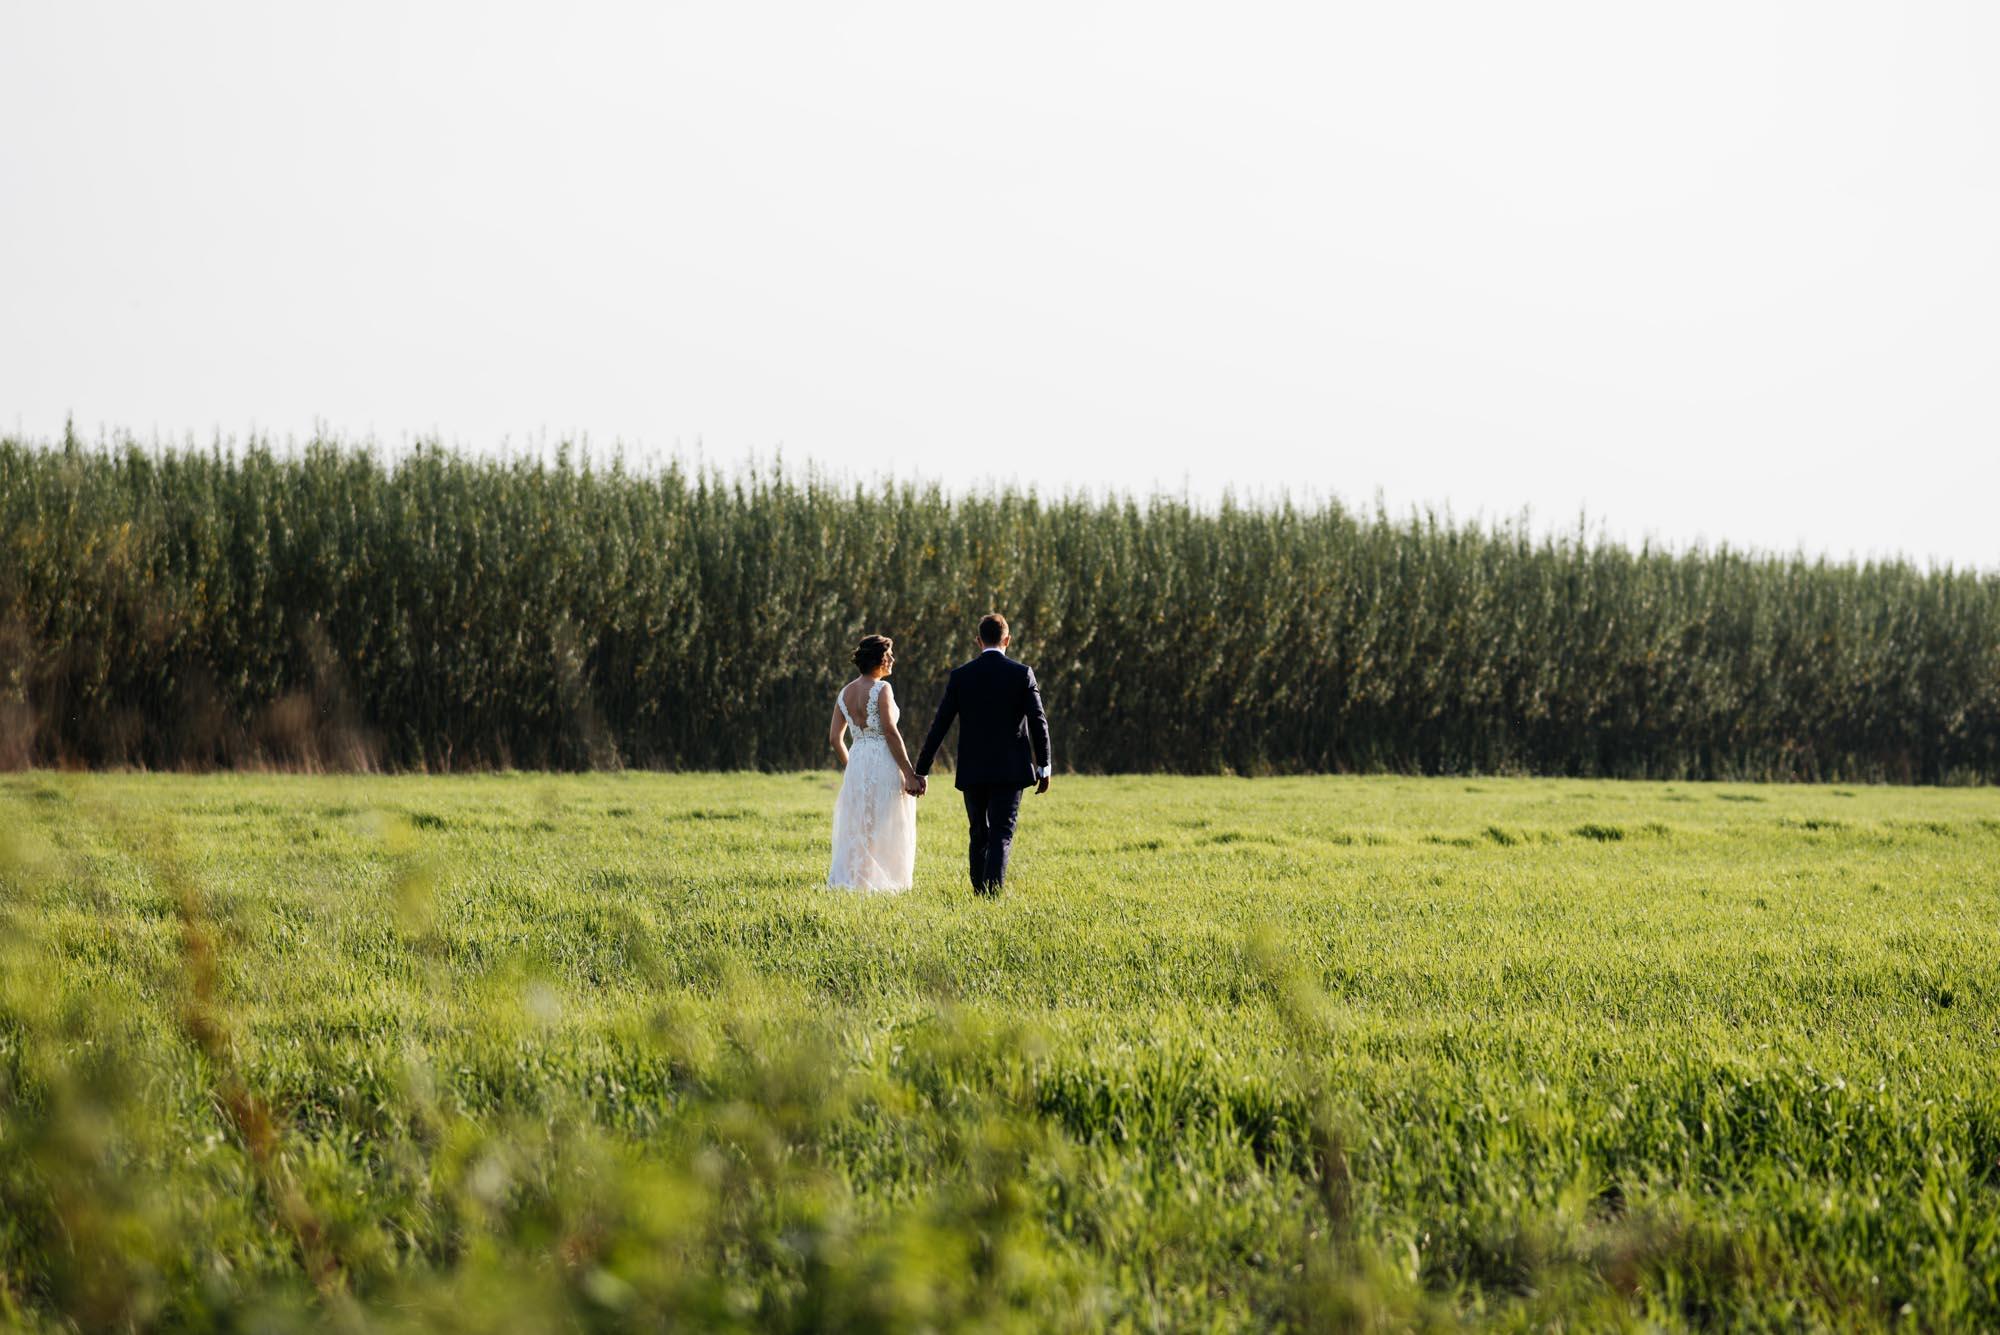 Sesja Plenerowa - wrześniowe łąki - sesja plenerowa